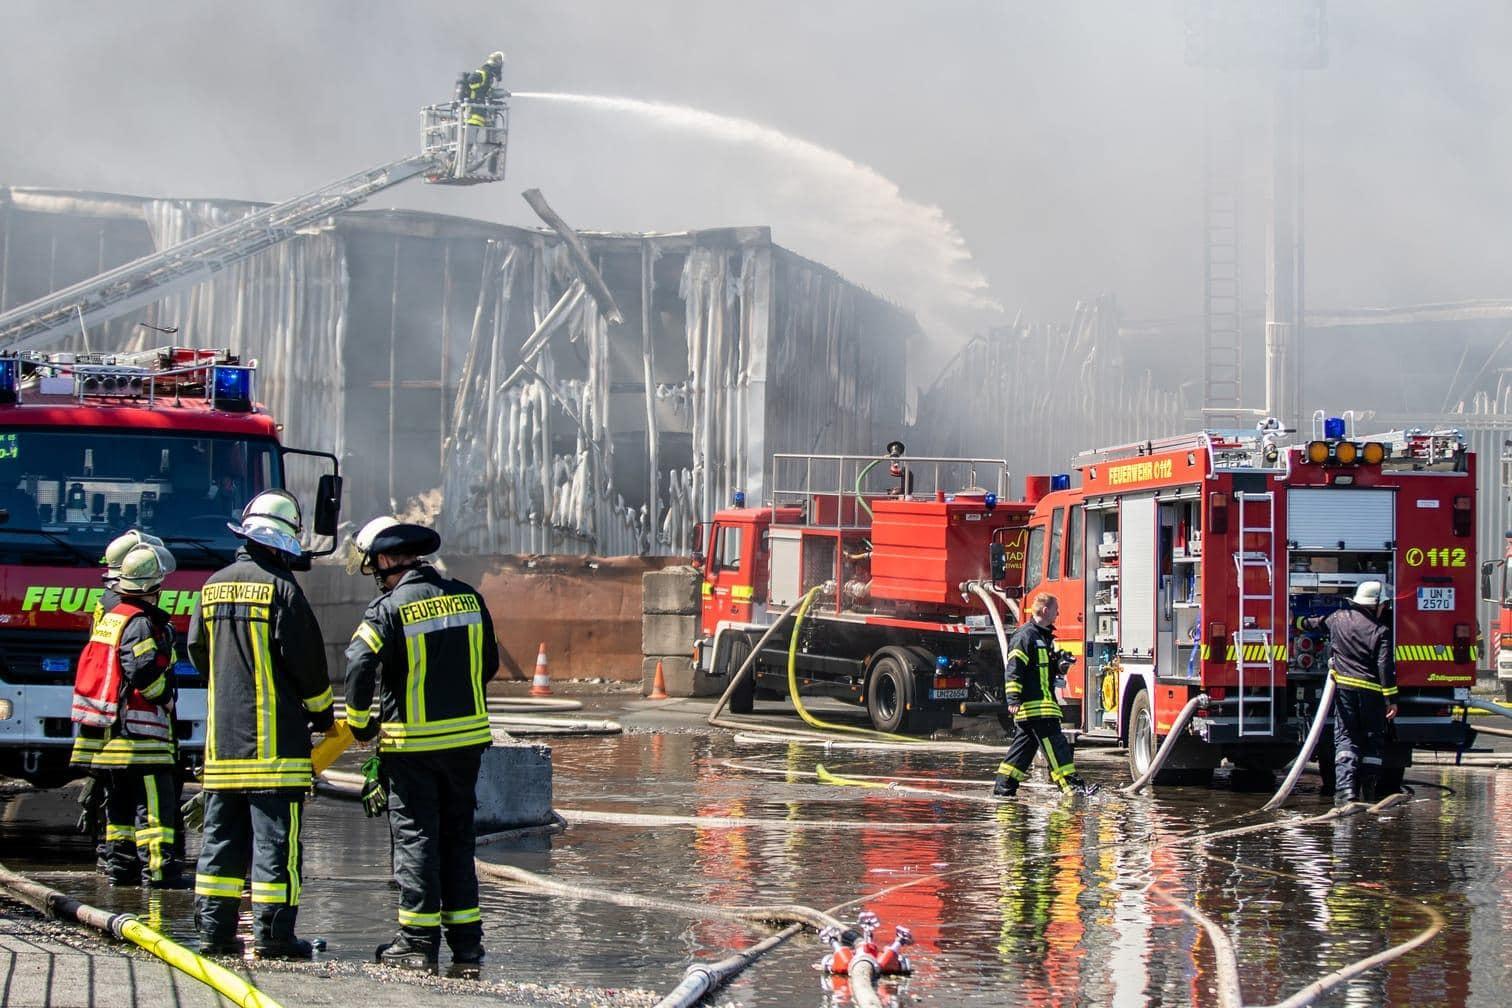 <p>Ein Großbrand auf einem Recyclinghof in Bönen nahe Dortmund hat vier Lagerhallen völlig zerstört und die Feuerwehr aus der gesamten Region zwei Tage lang in Atem gehalten.</p> Foto: dpa